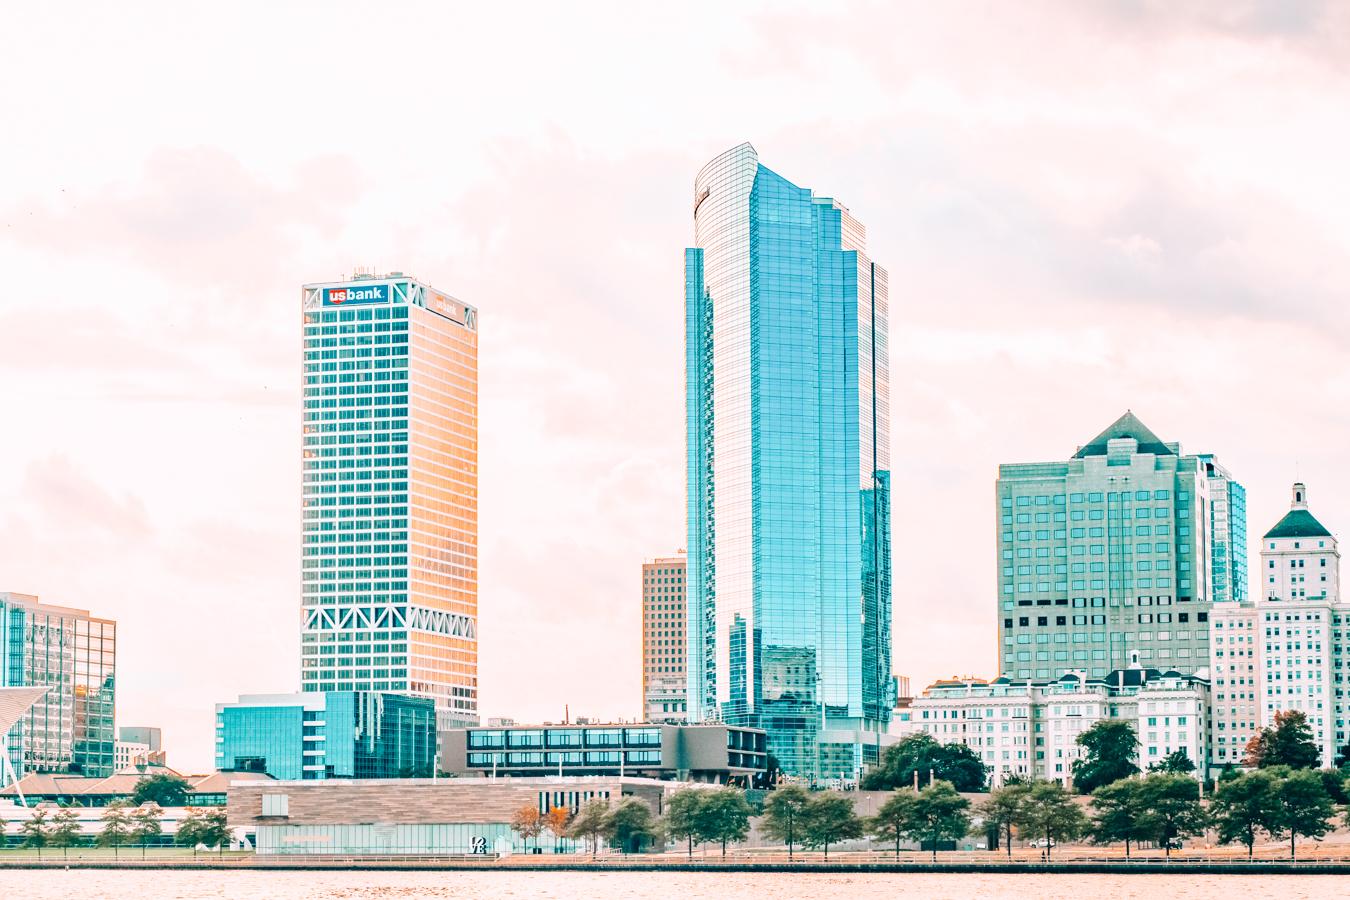 Buildings in Milwaukee